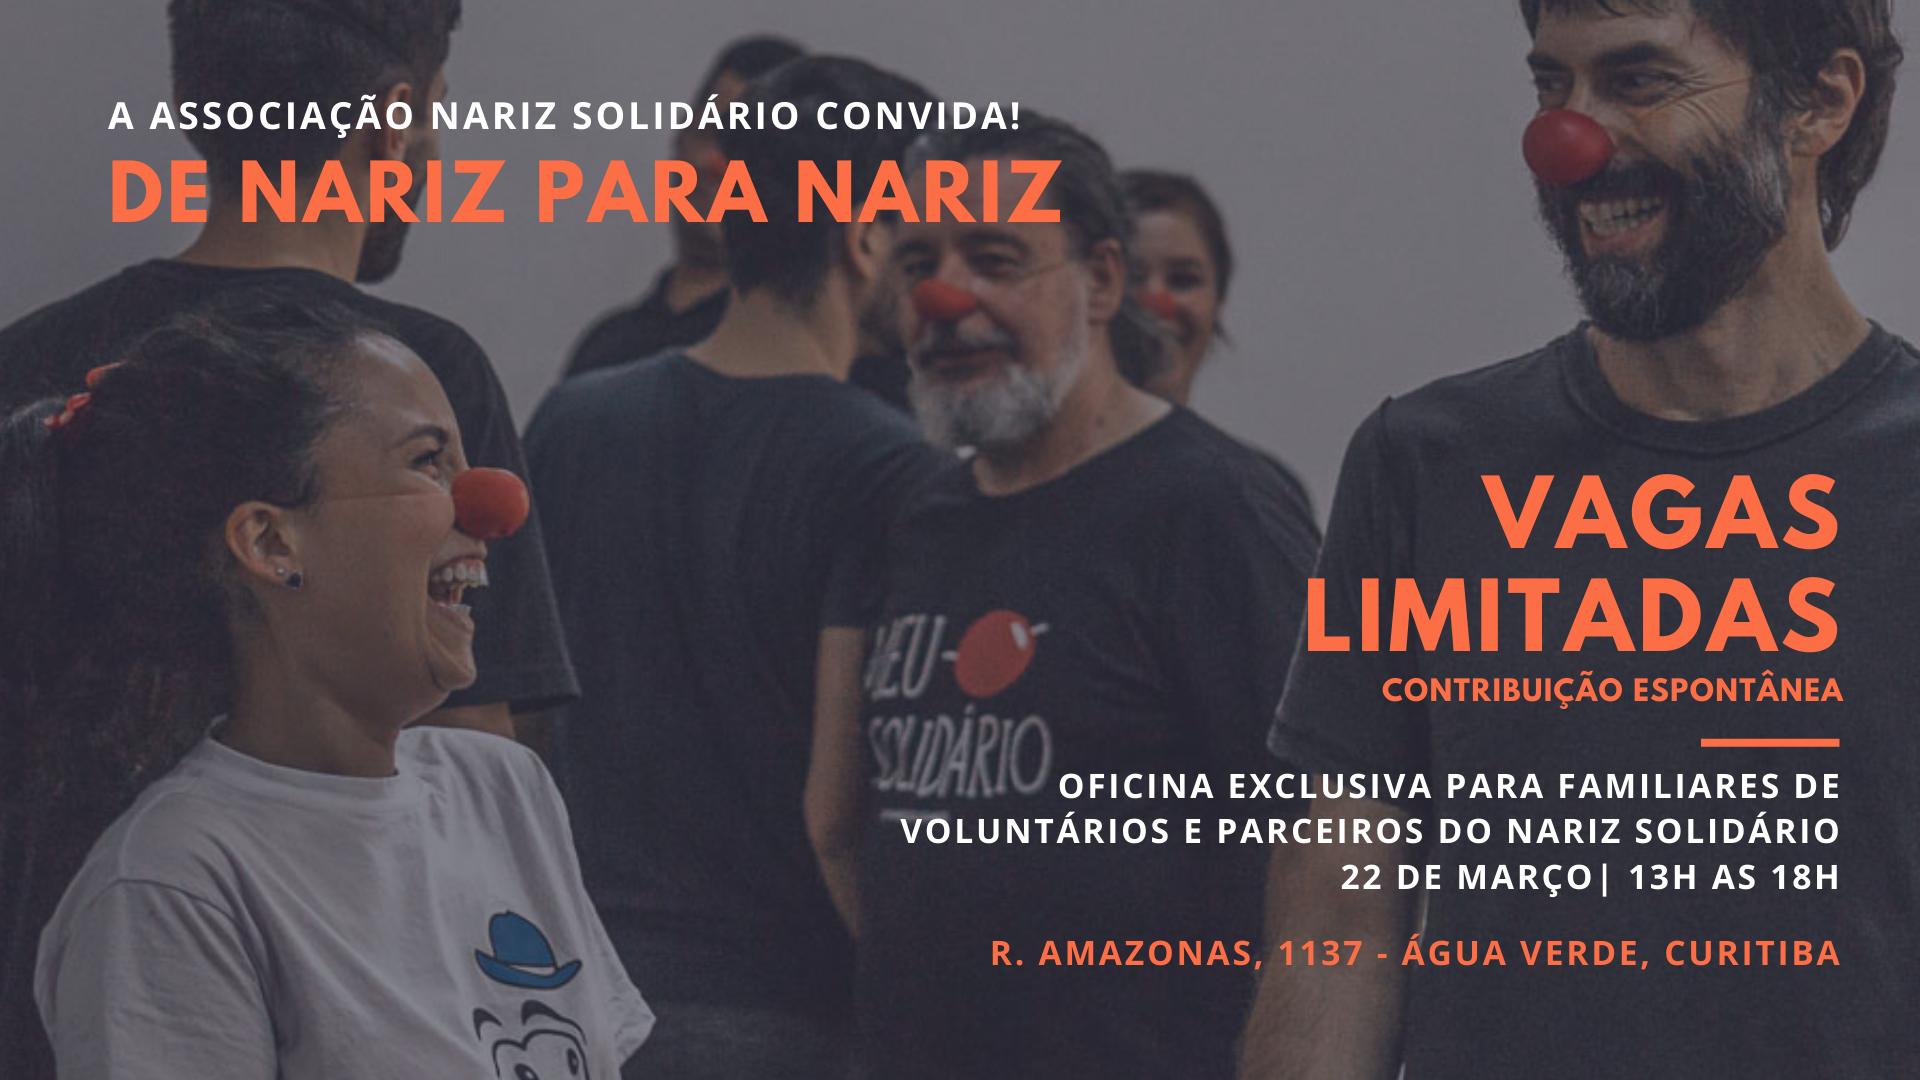 Nariz Solidário Convida Apoiadores